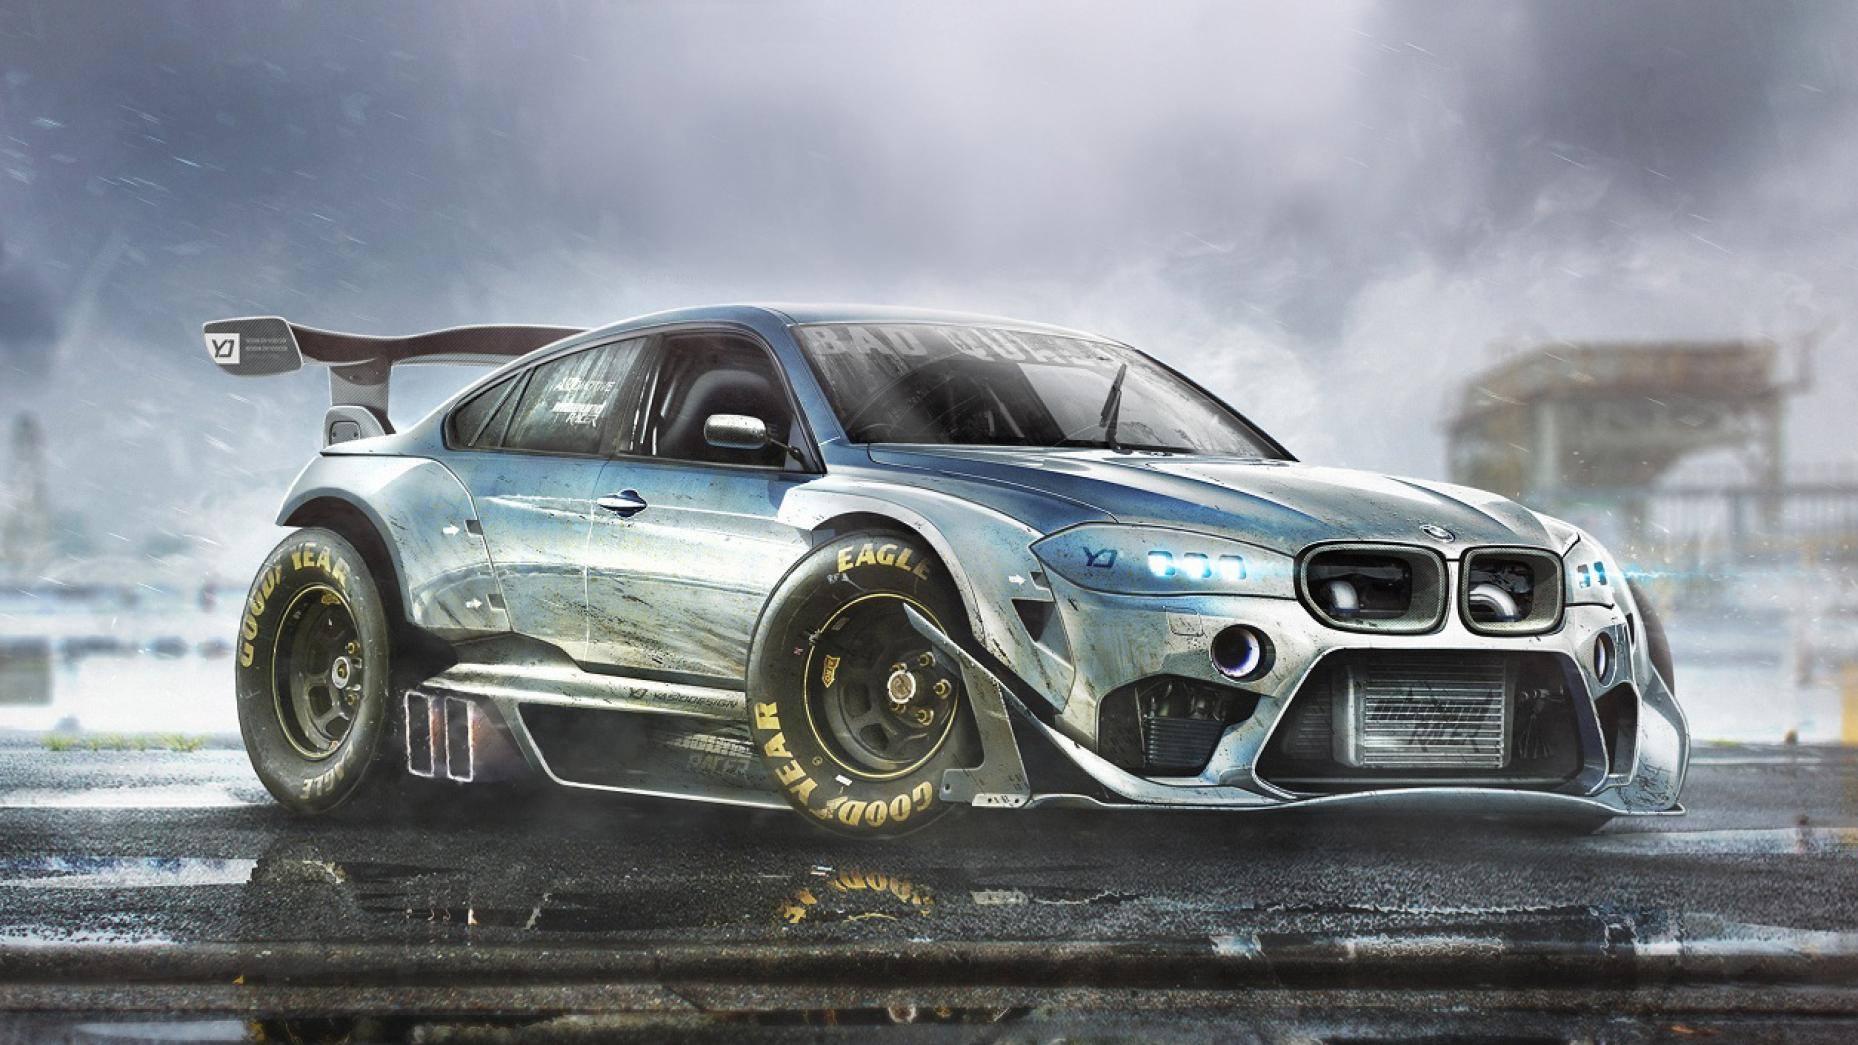 BMW X6 by YasidDESIGN